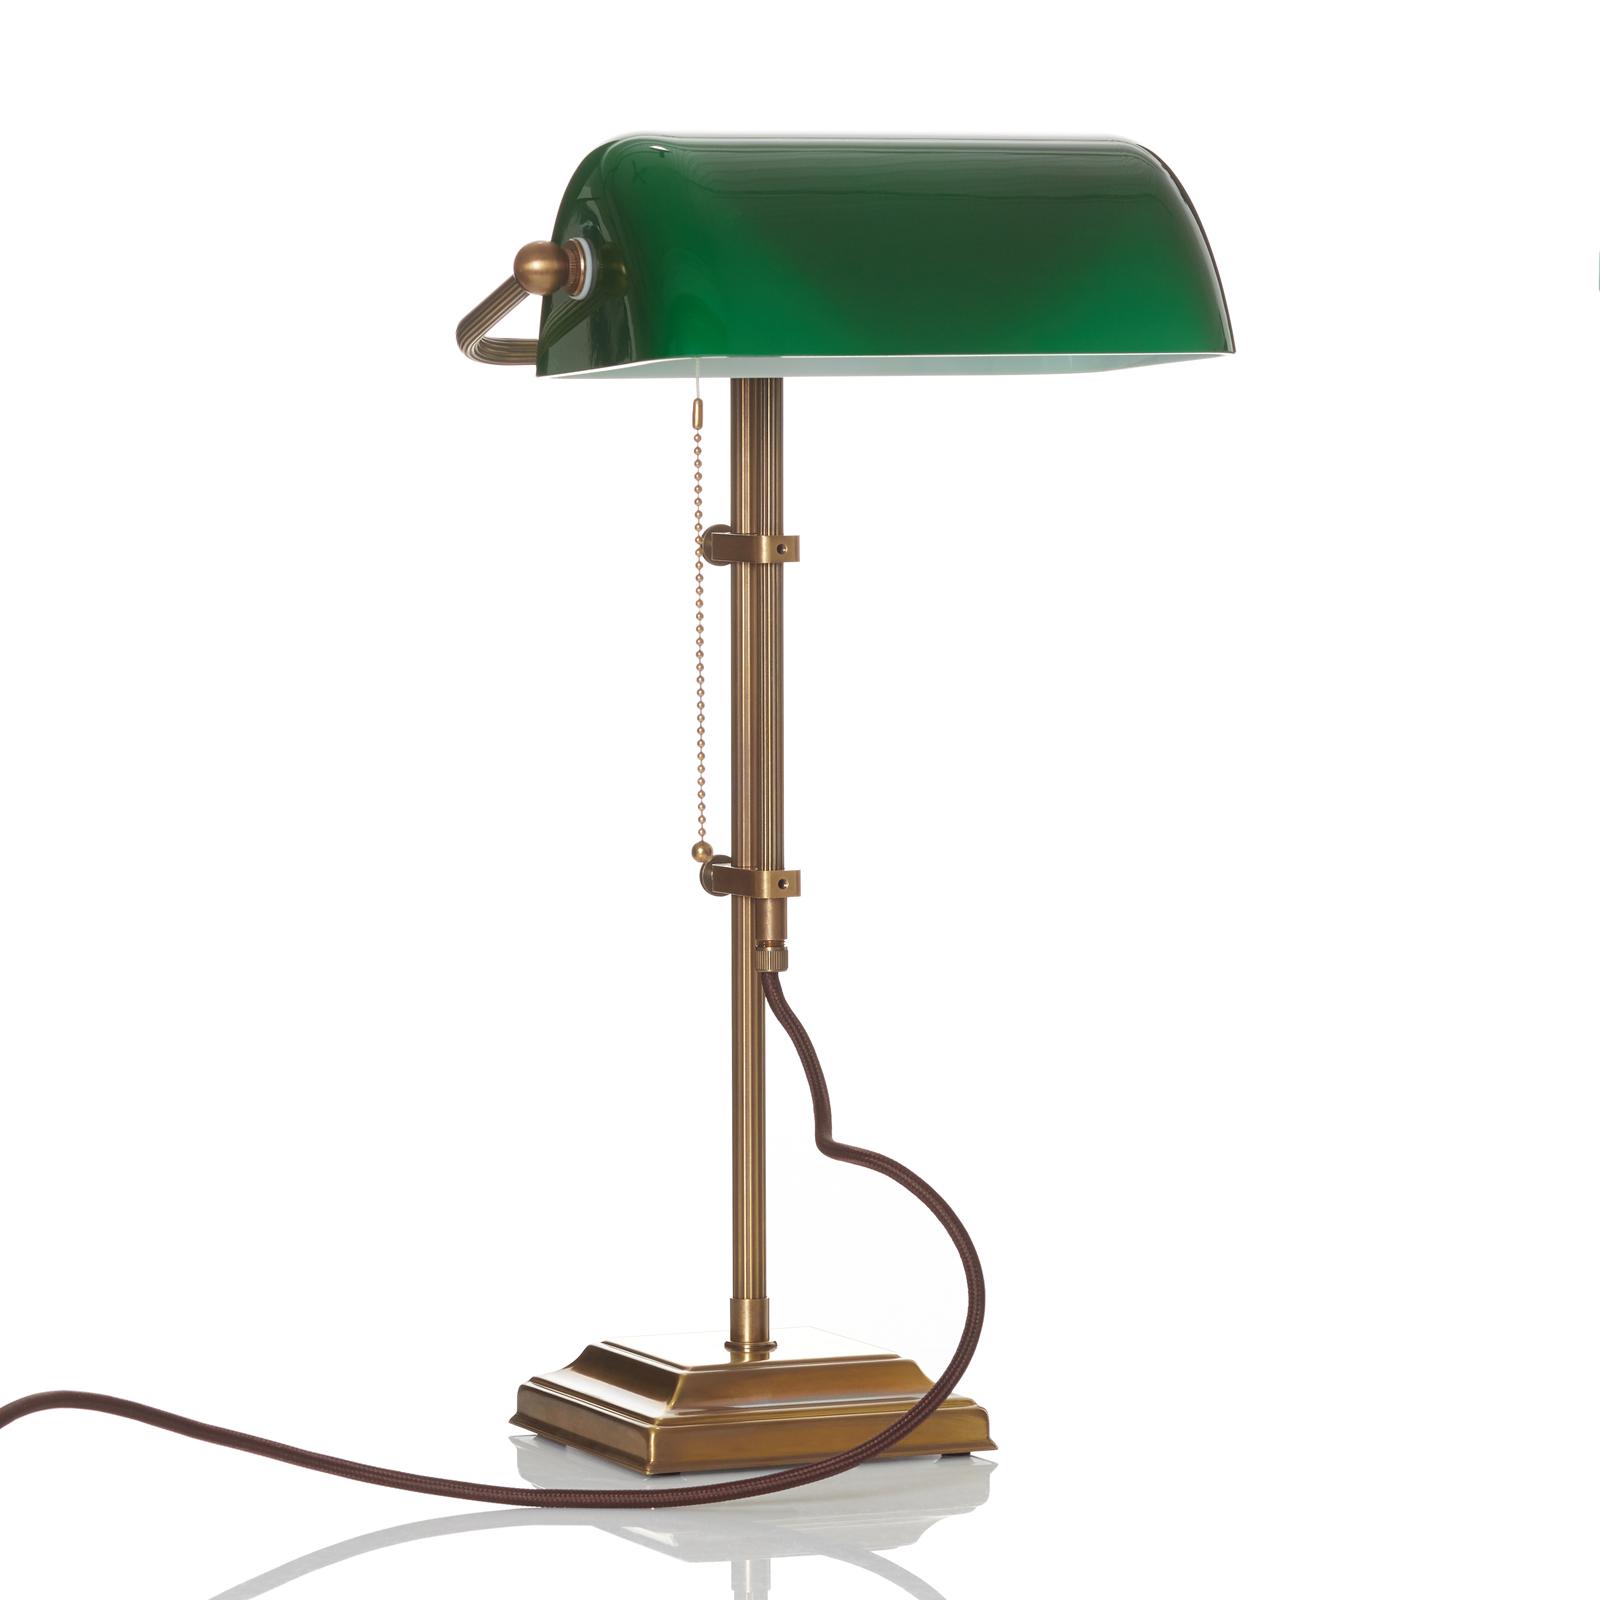 Echte Bankerlampe TULSI